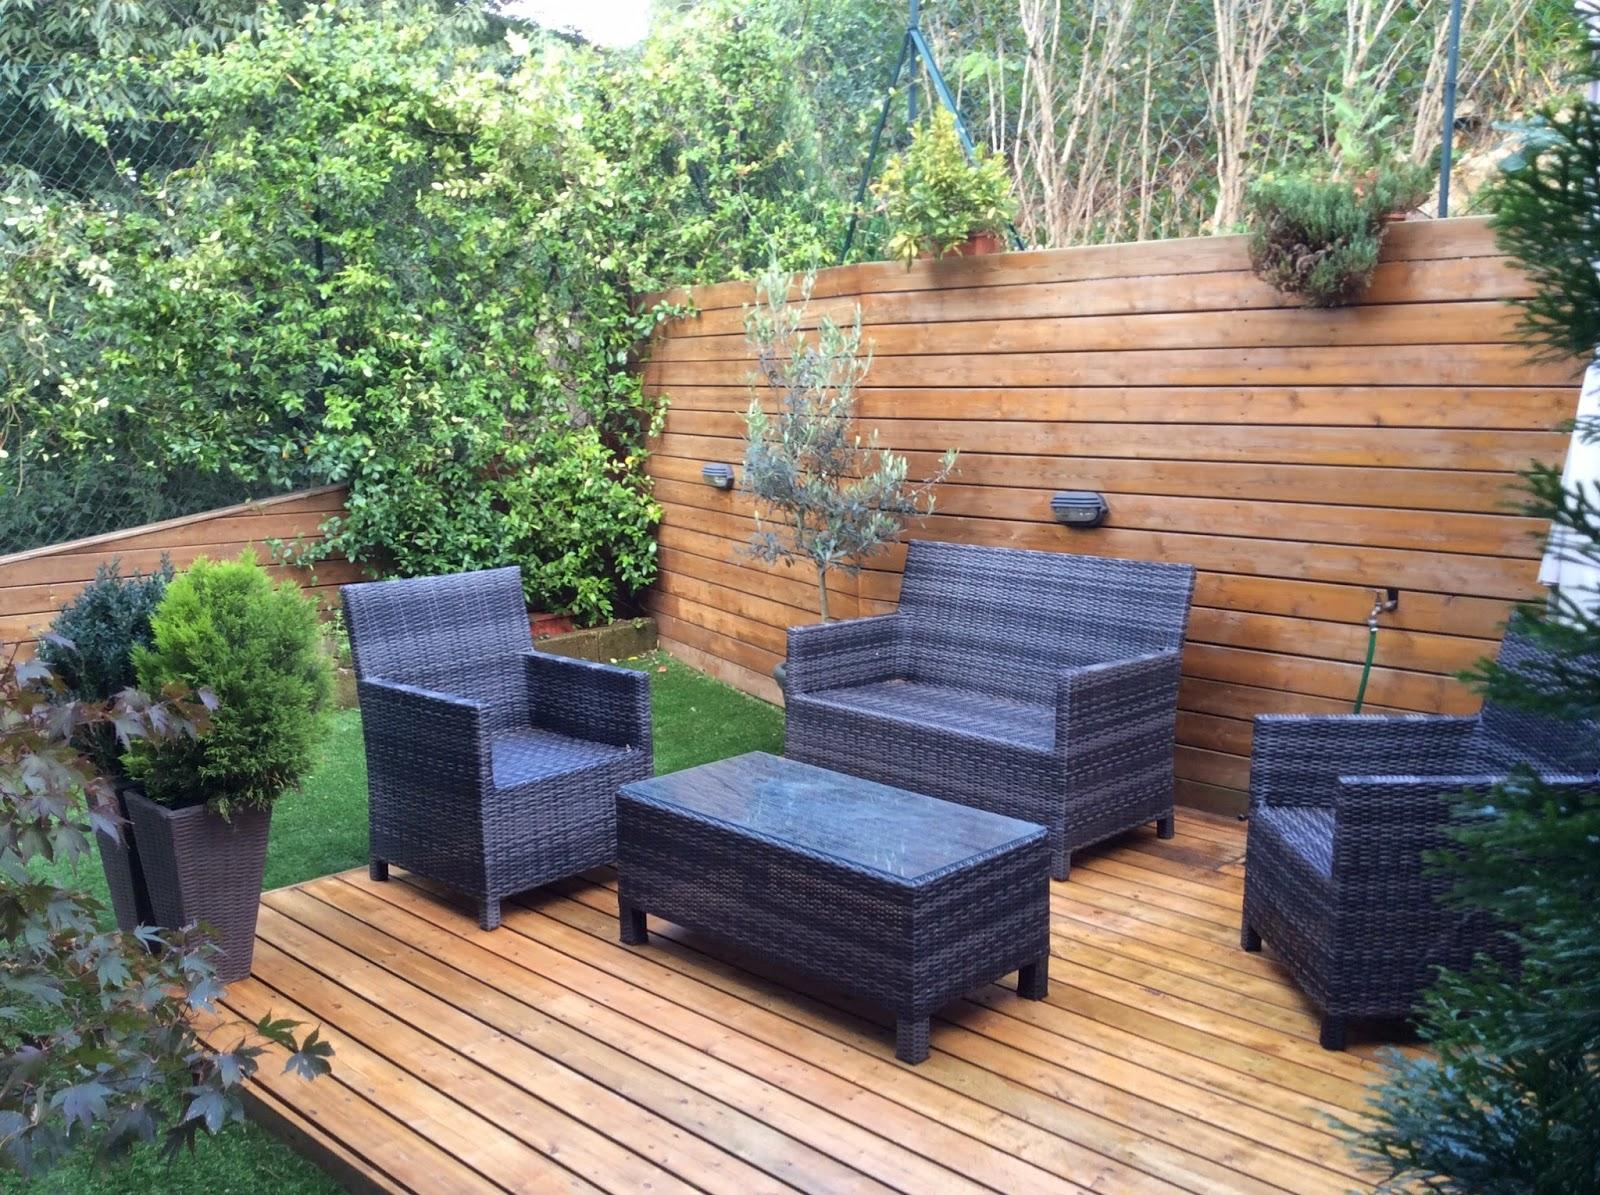 Bellissimo appartamento a lizzanella giardino con pedana in legno e rivestimento a parete - Recinzione terrazzo ...